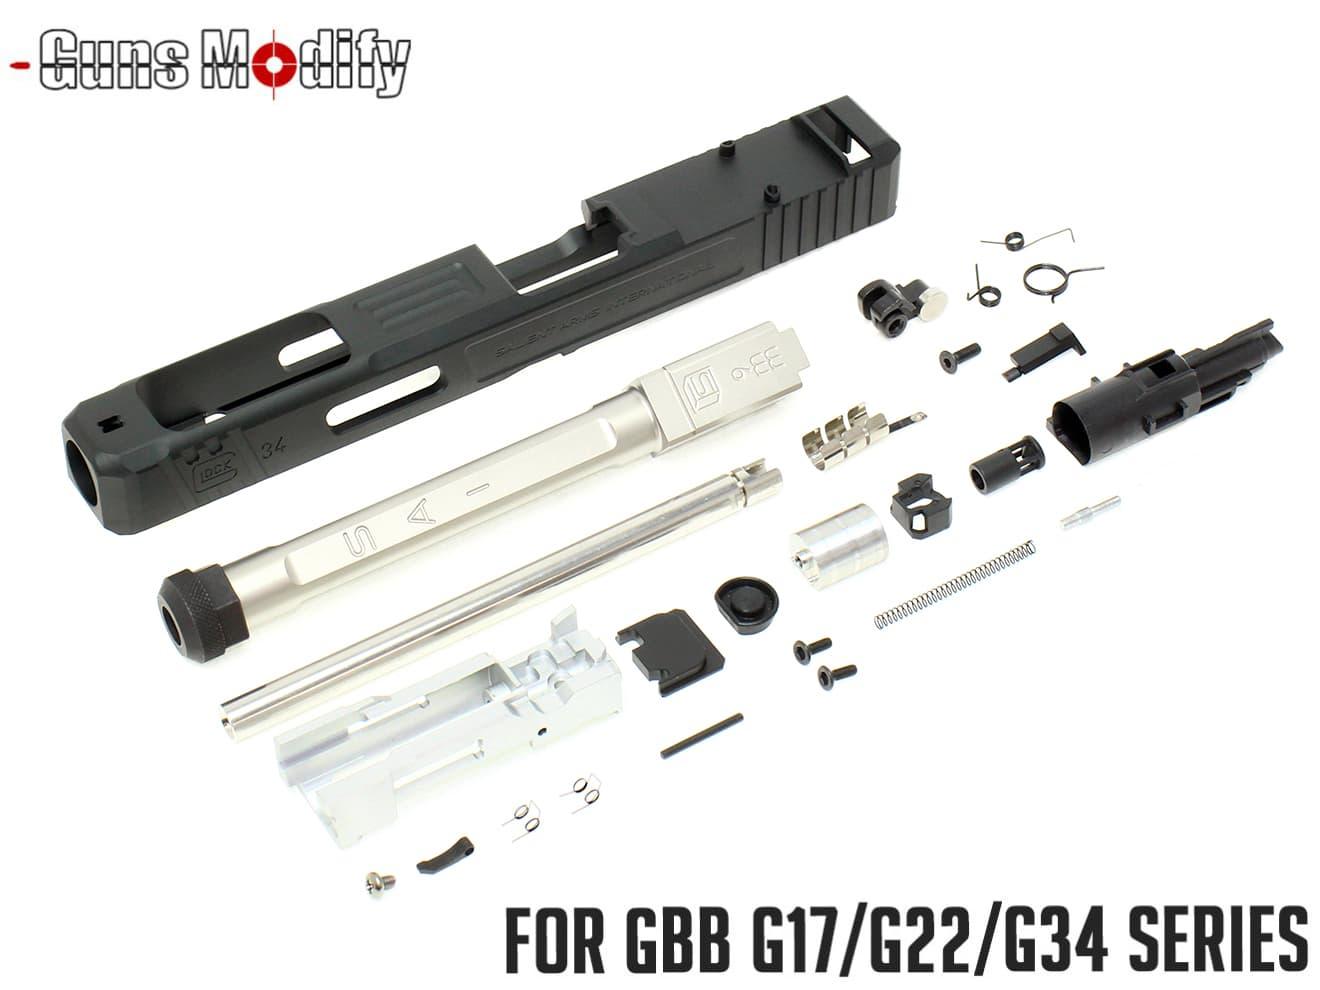 Guns Modify G34 SA CNC Tier 1 RMR アルミスライド&ボックスフルート ステンレススレッドアウターバレル w/ ブリーチフルセット